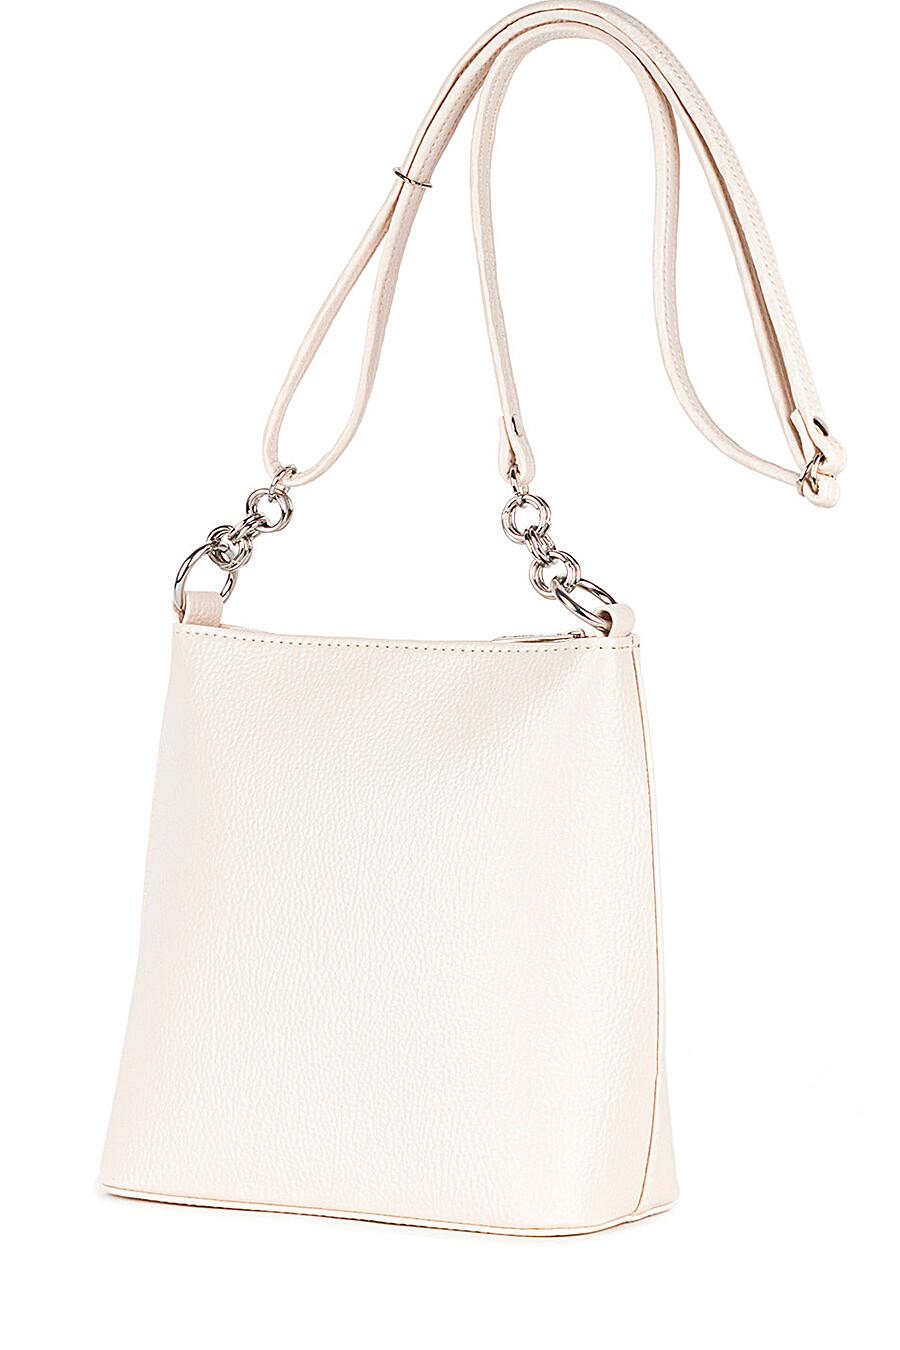 Сумка для женщин L-CRAFT 668228 купить оптом от производителя. Совместная покупка женской одежды в OptMoyo